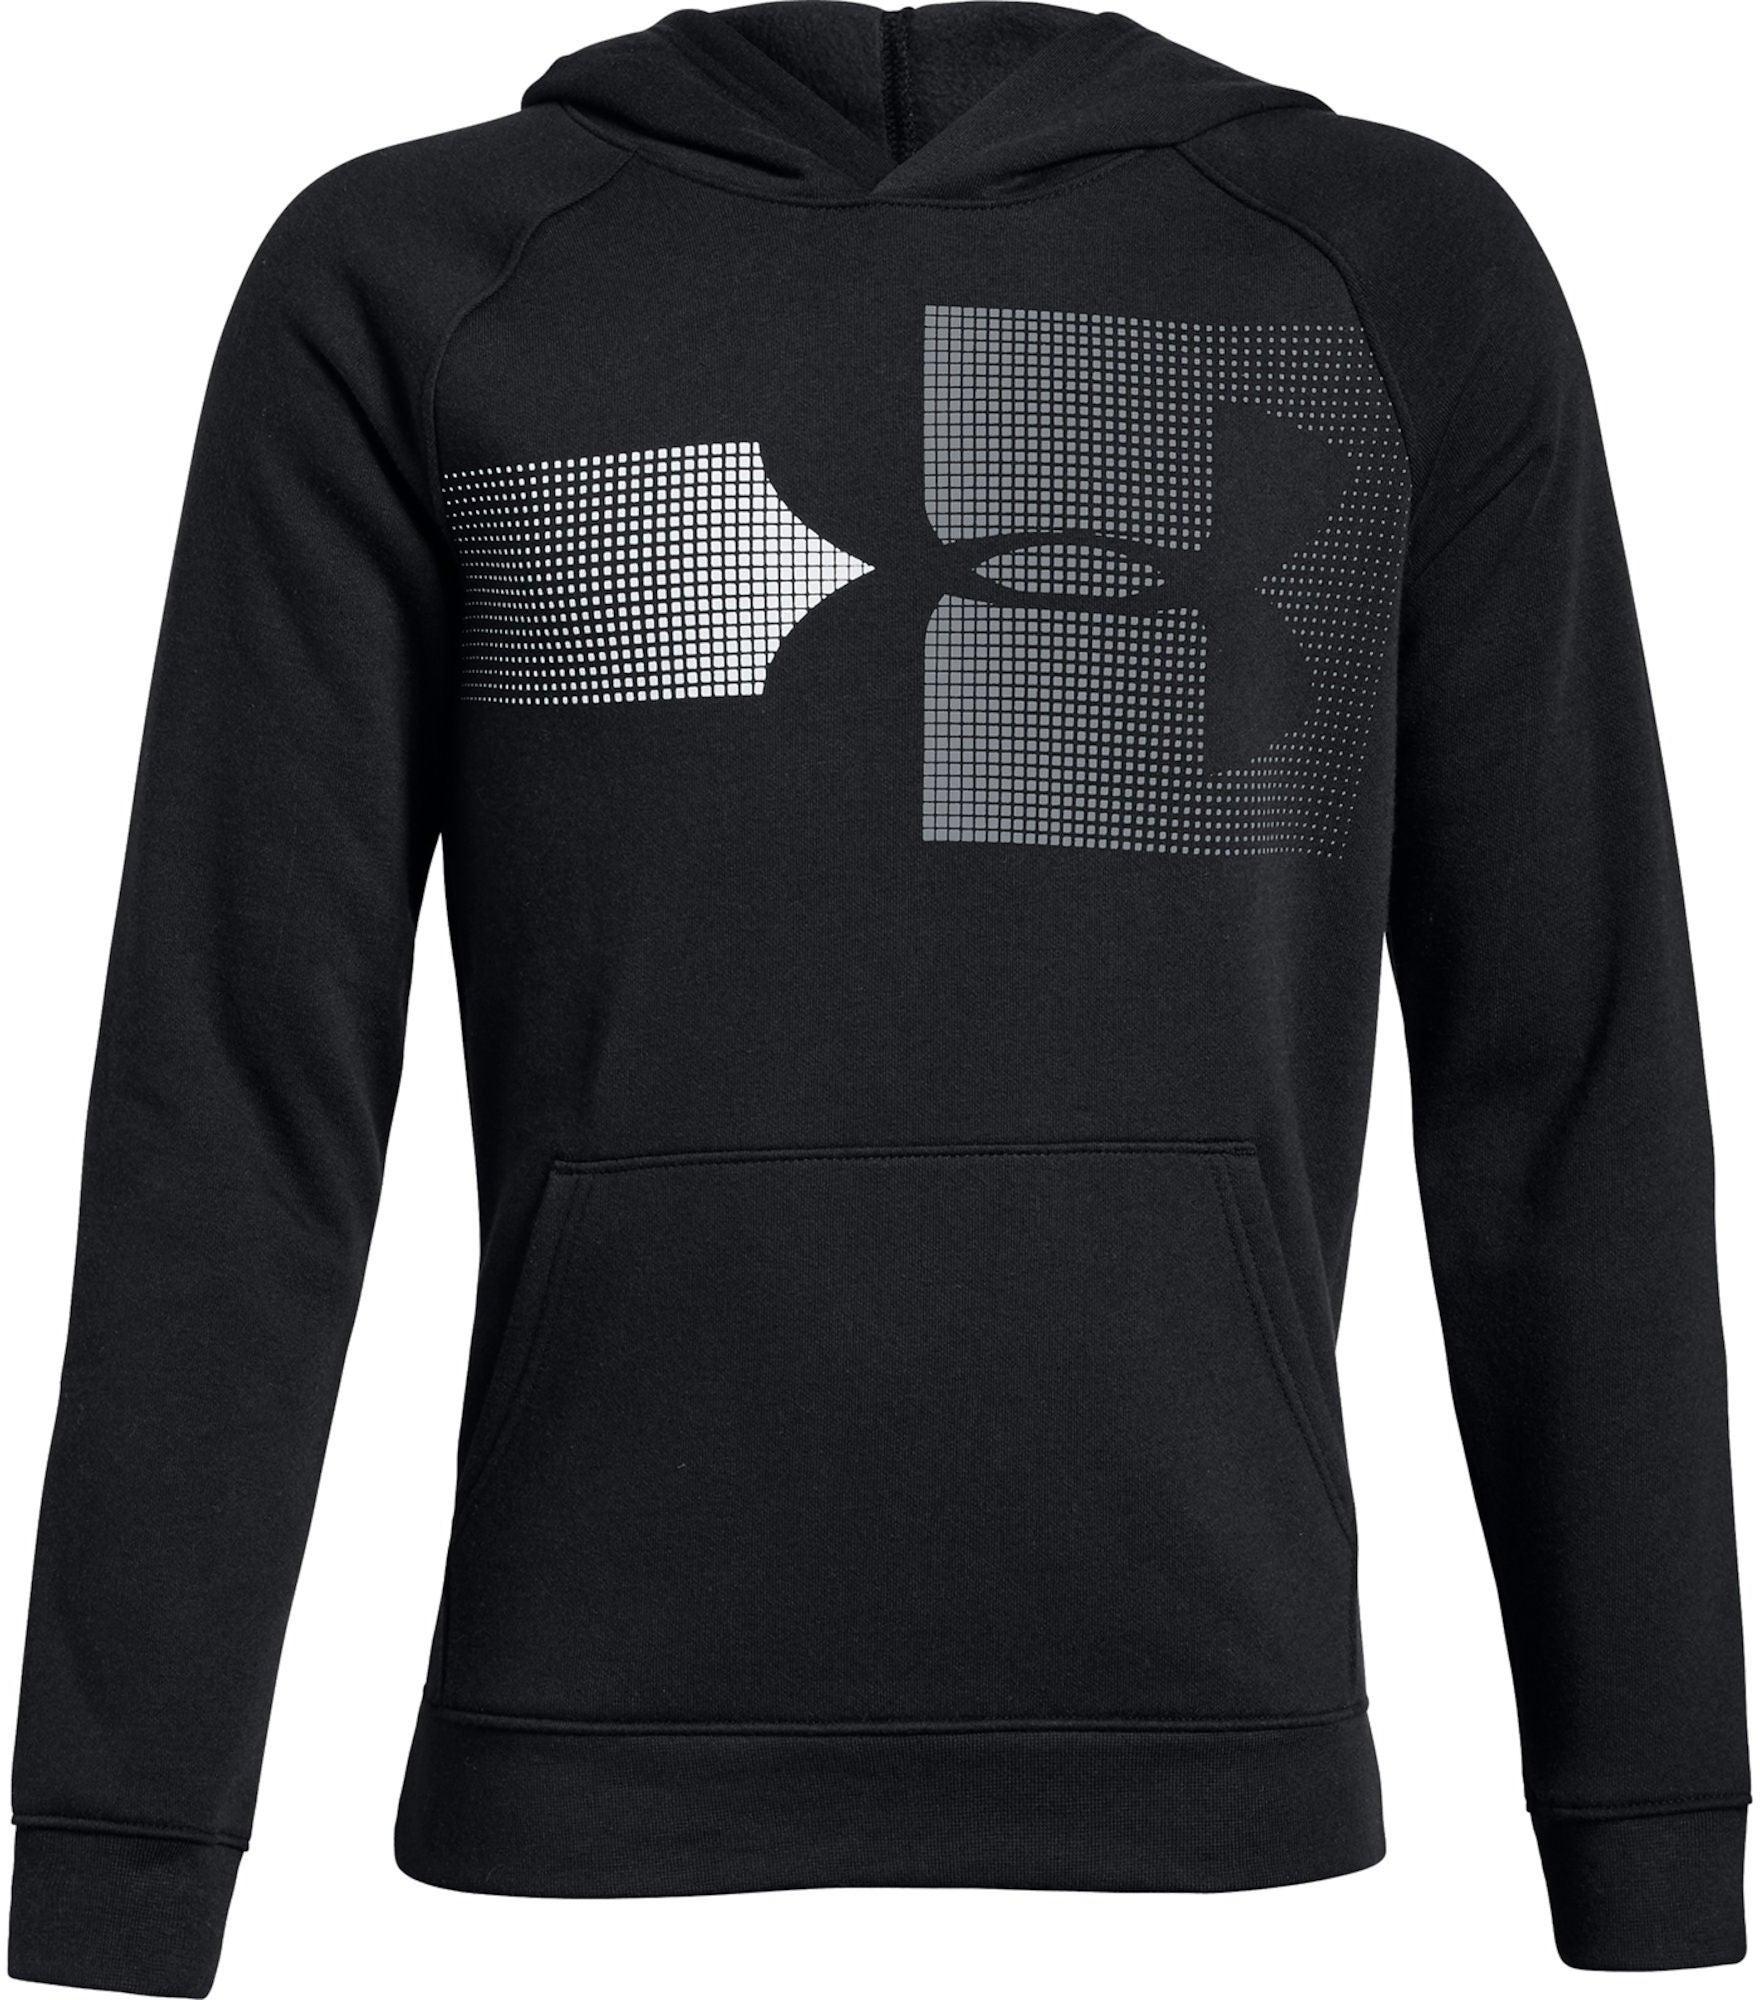 Under Armour Rival Logo Huvtröja, Black XS